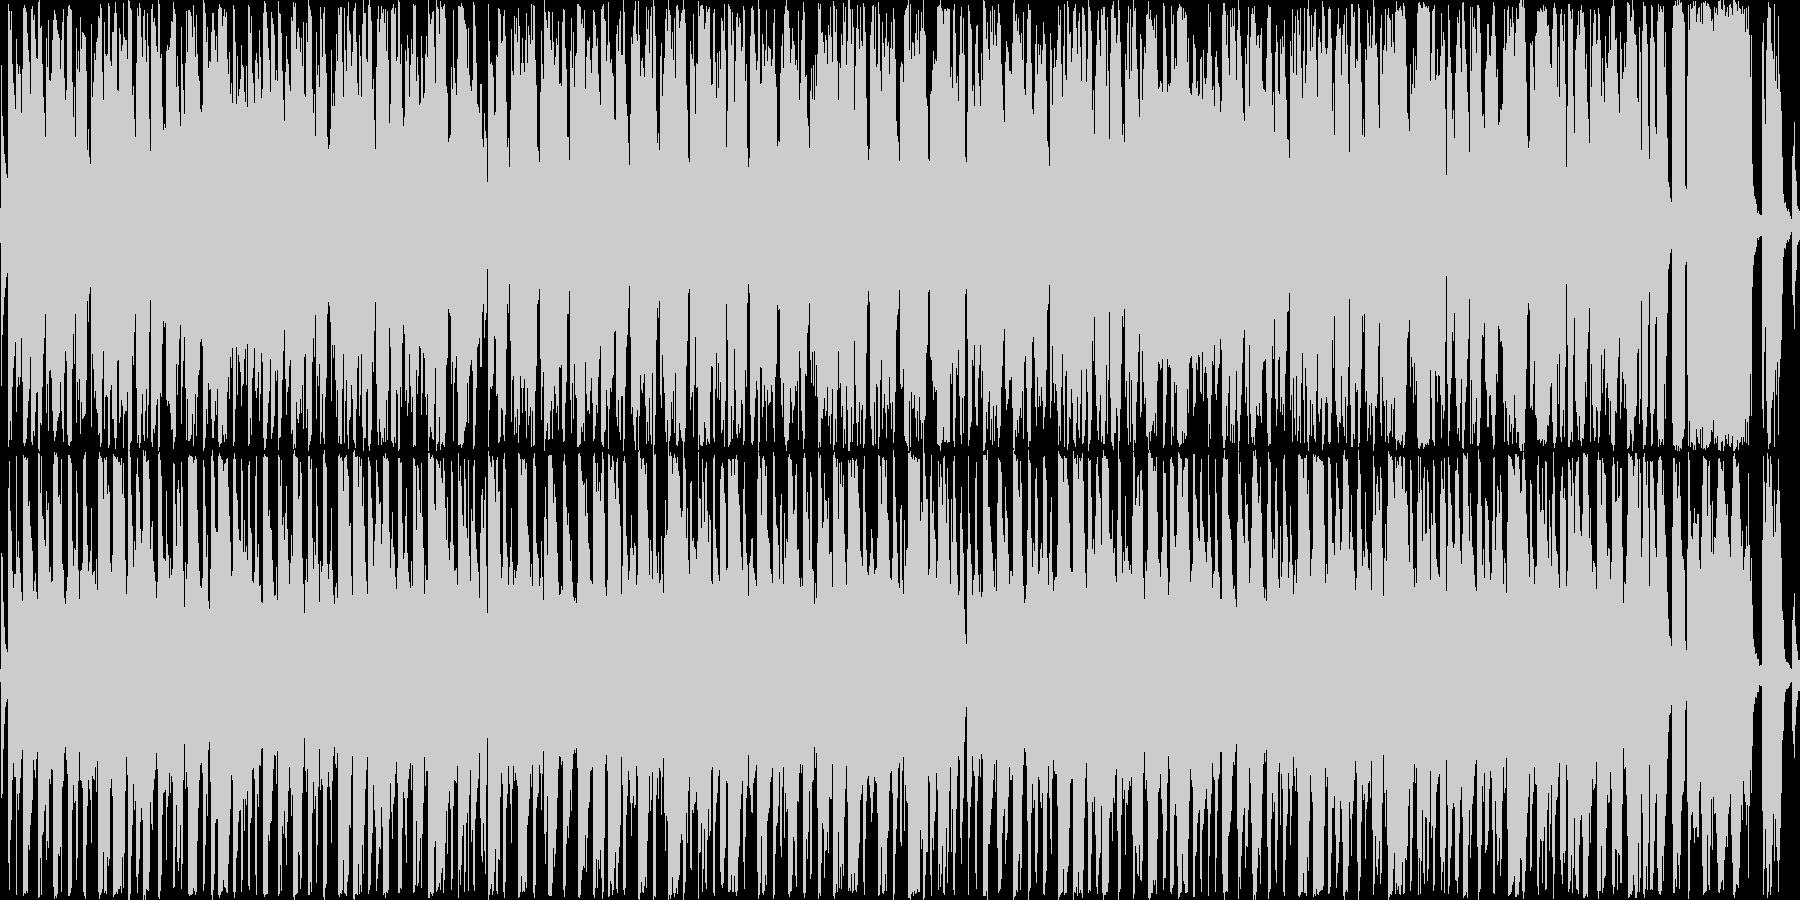 ロシアの民謡風のイメージです。の未再生の波形